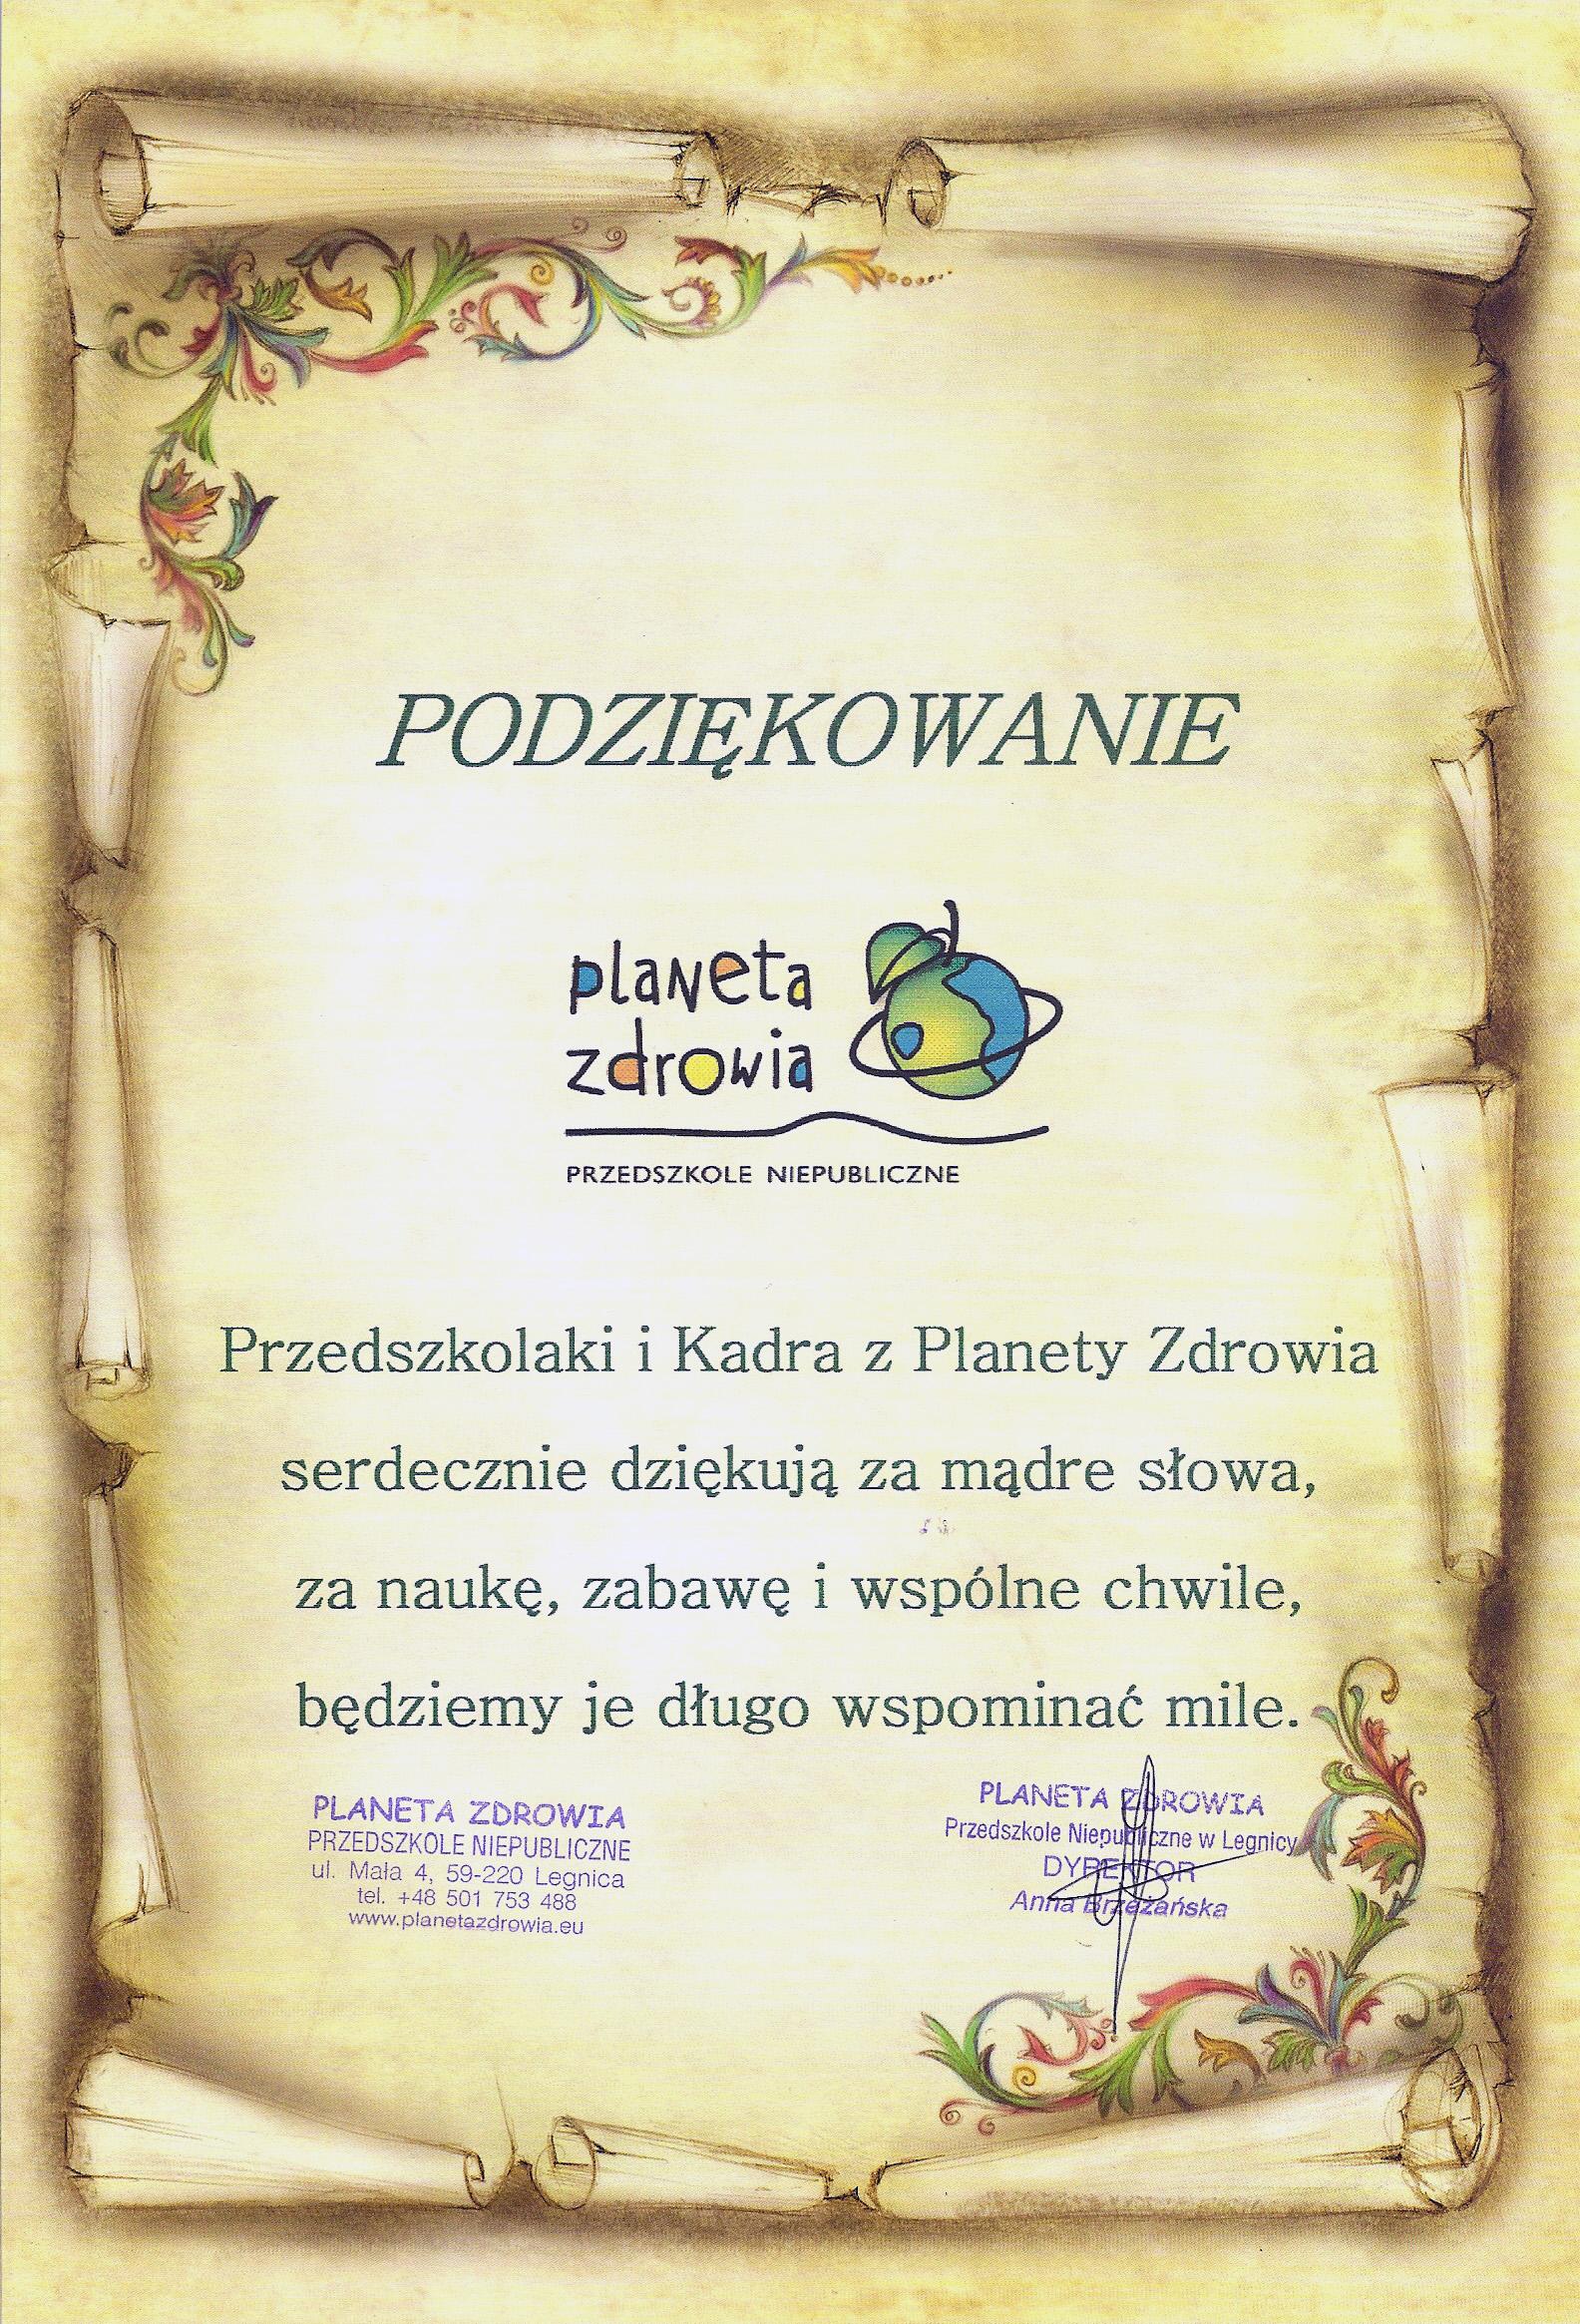 Podziękowanie Przedszkole_planeta zdrowia